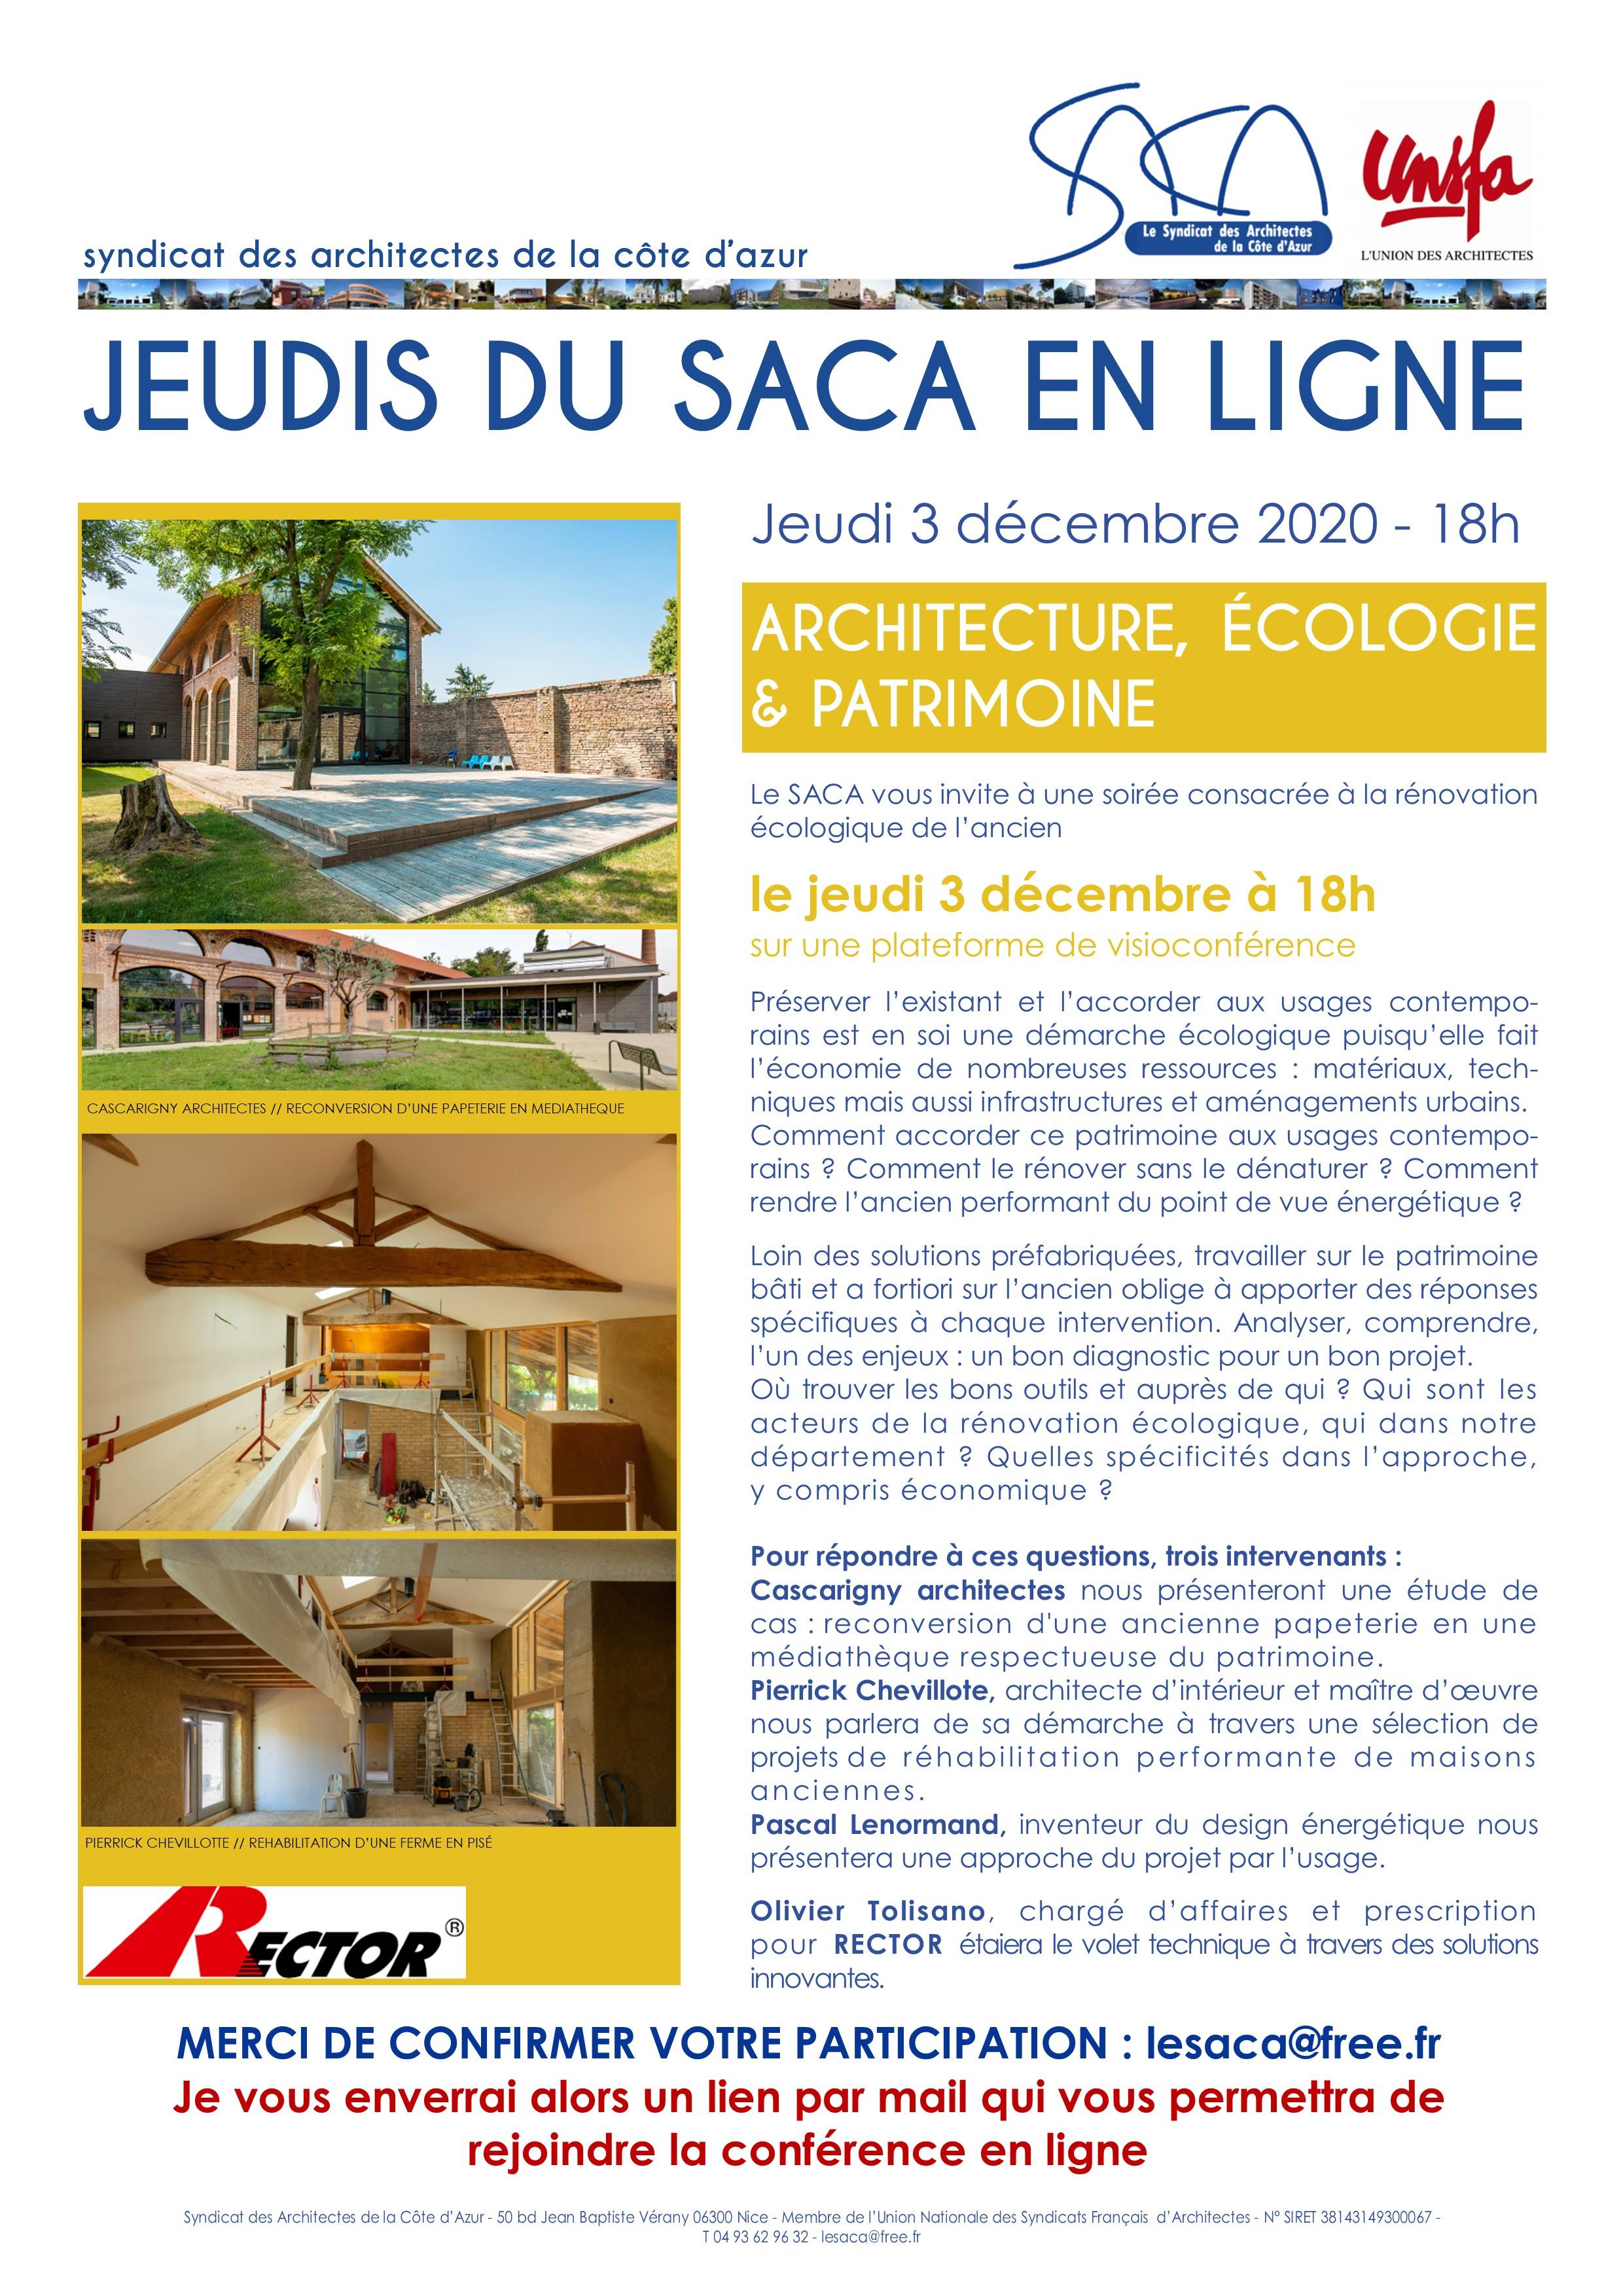 JEUDI DU SACA // ARCHITECTURE, ECOLOGIE & PATRIMOINE // 3 DEC 2020